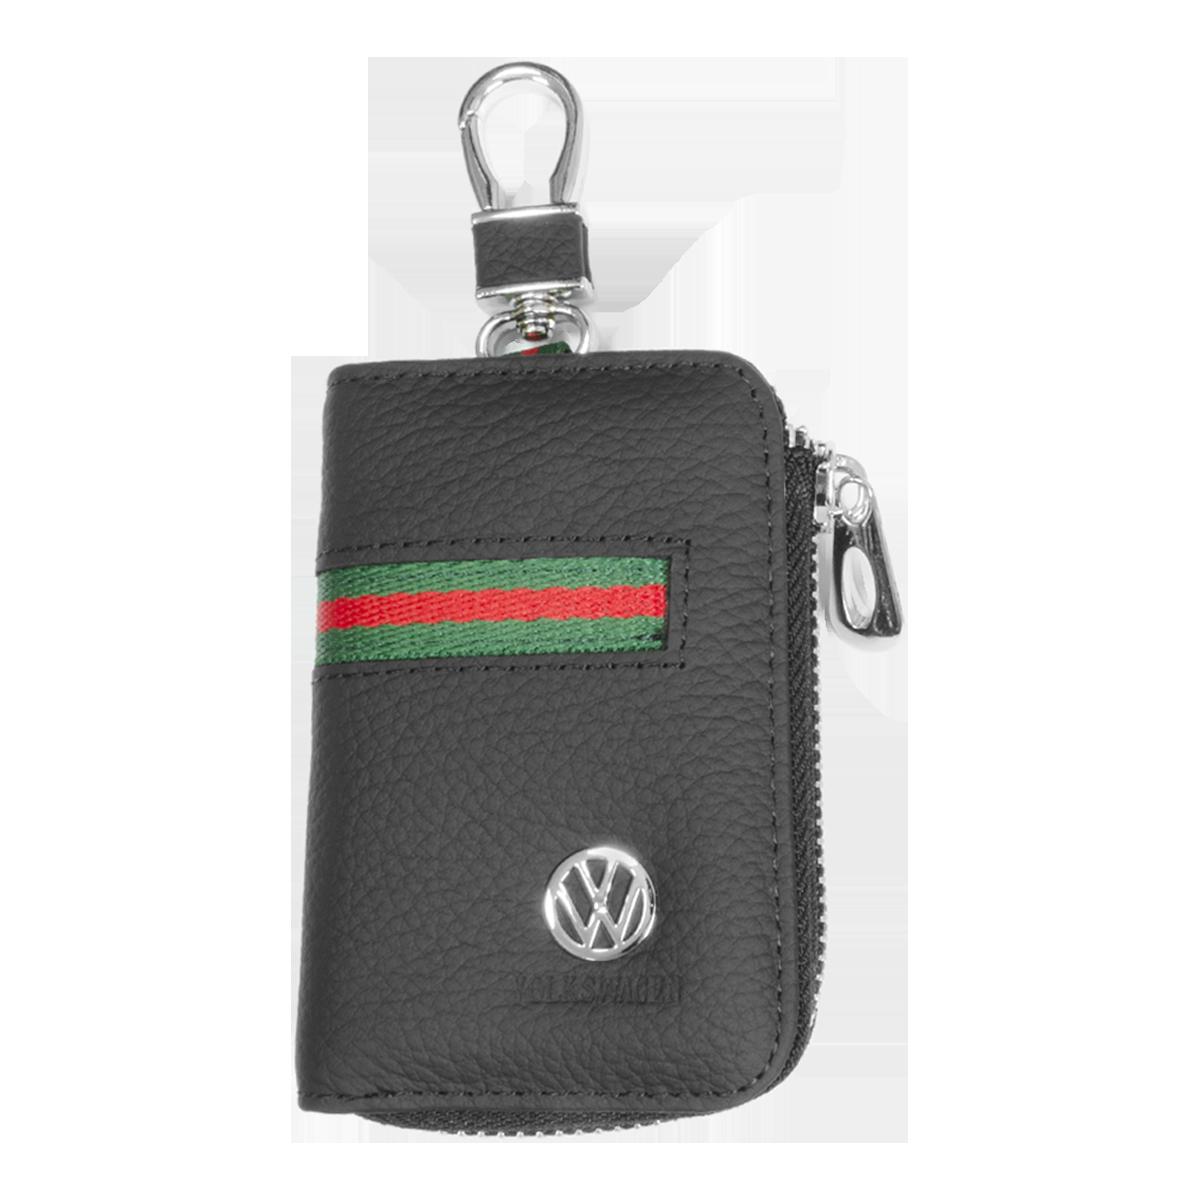 Ключница Carss с логотипом VOLKSWAGEN 04012 многофункциональная черная